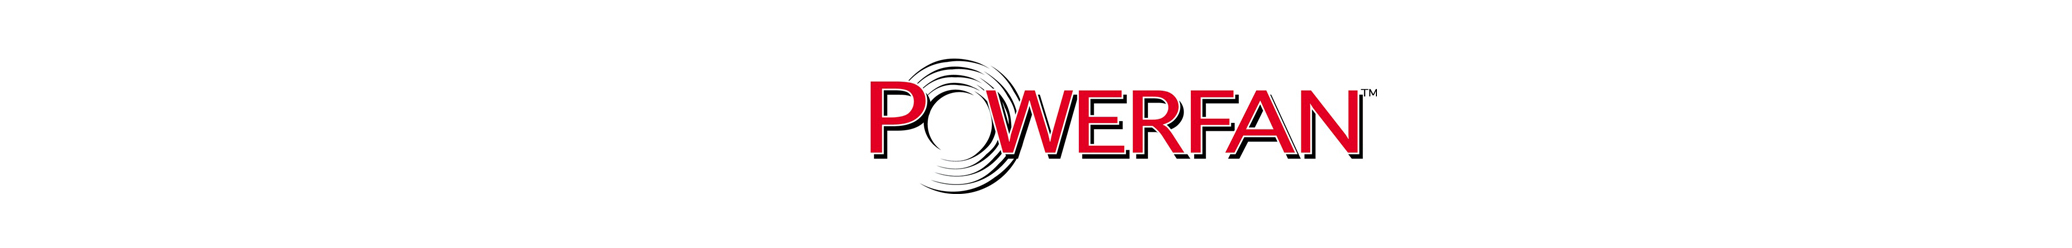 footer_powerfan.jpg